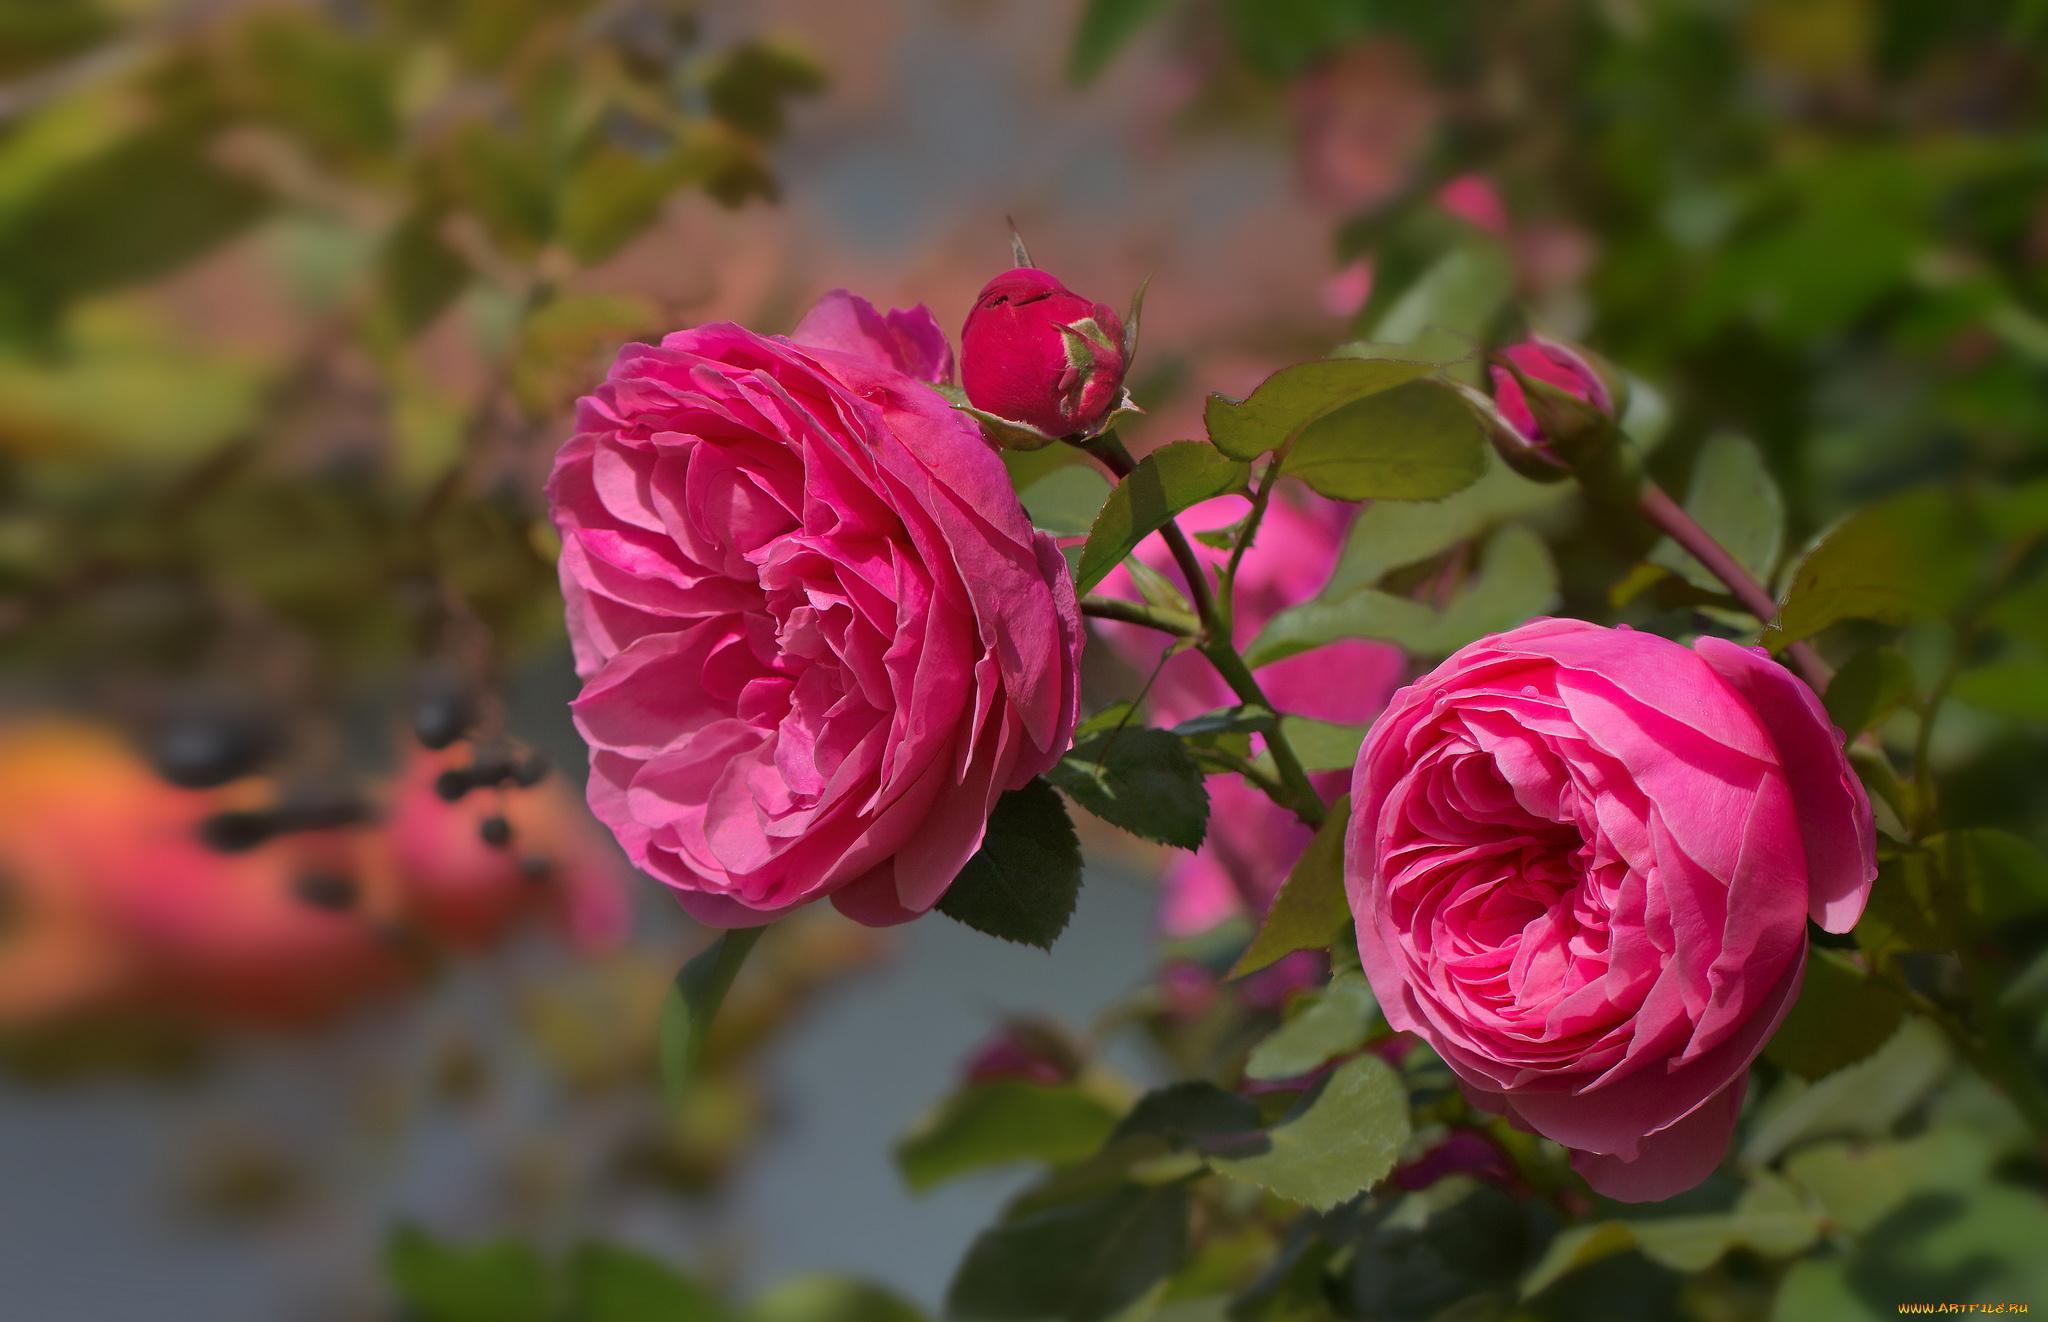 Обои на рабочий стол цветущие розы